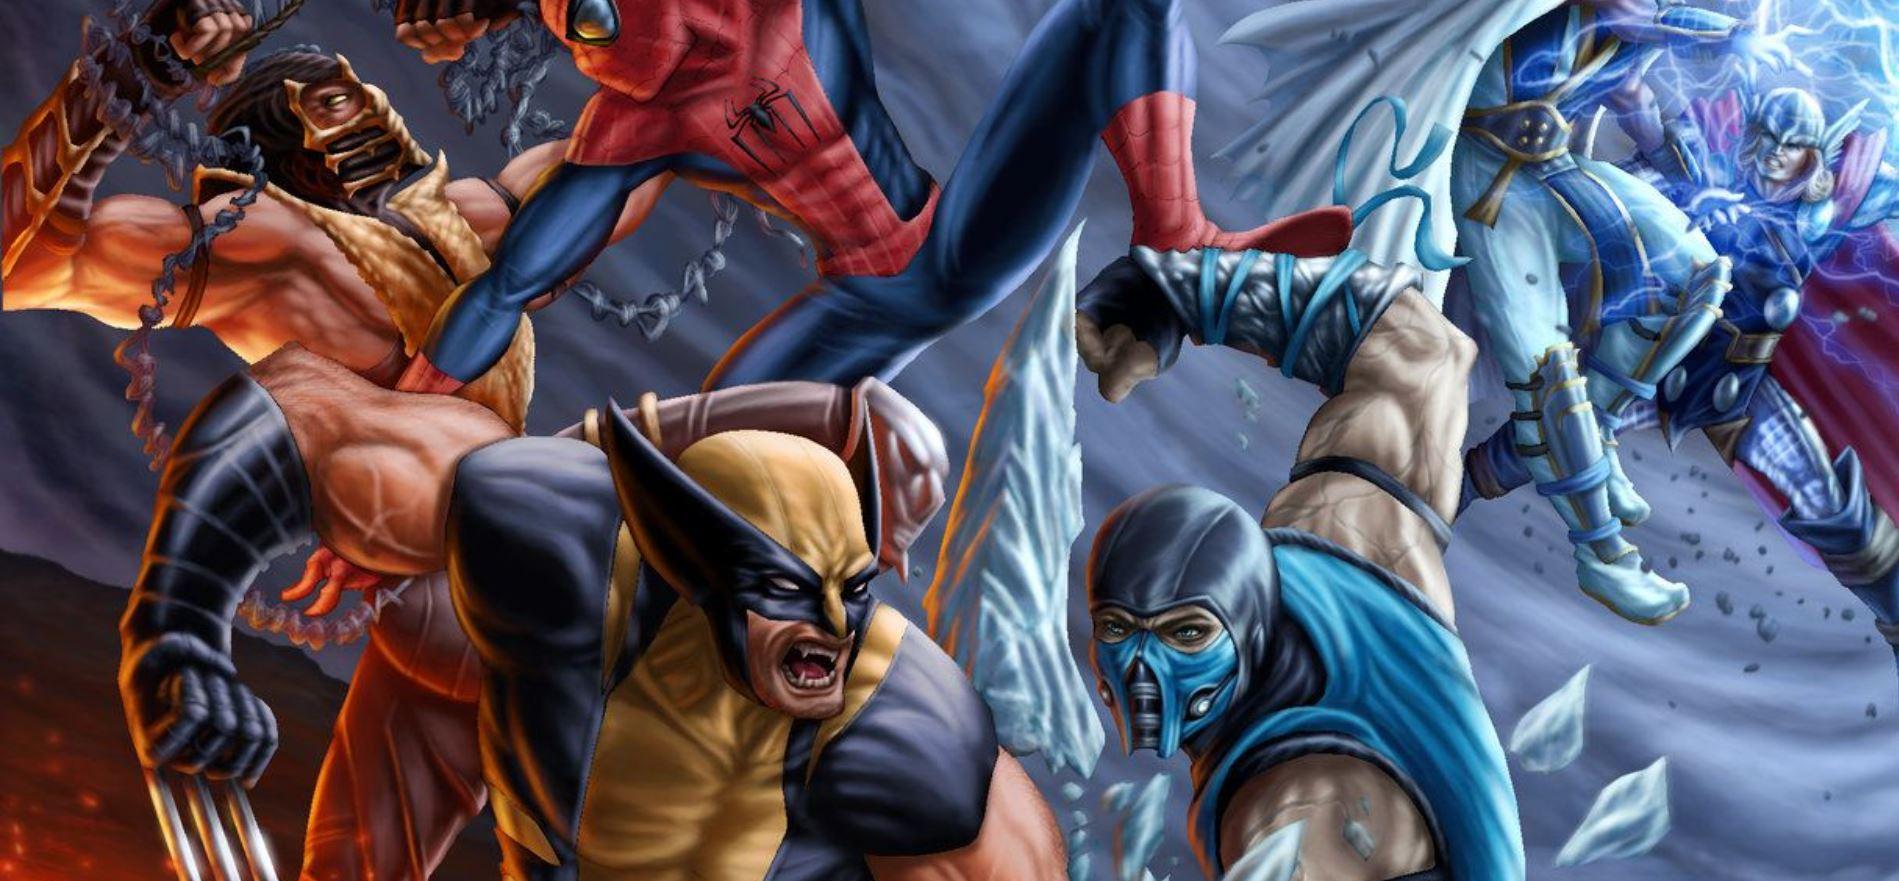 Mortal kombat marvel crossover